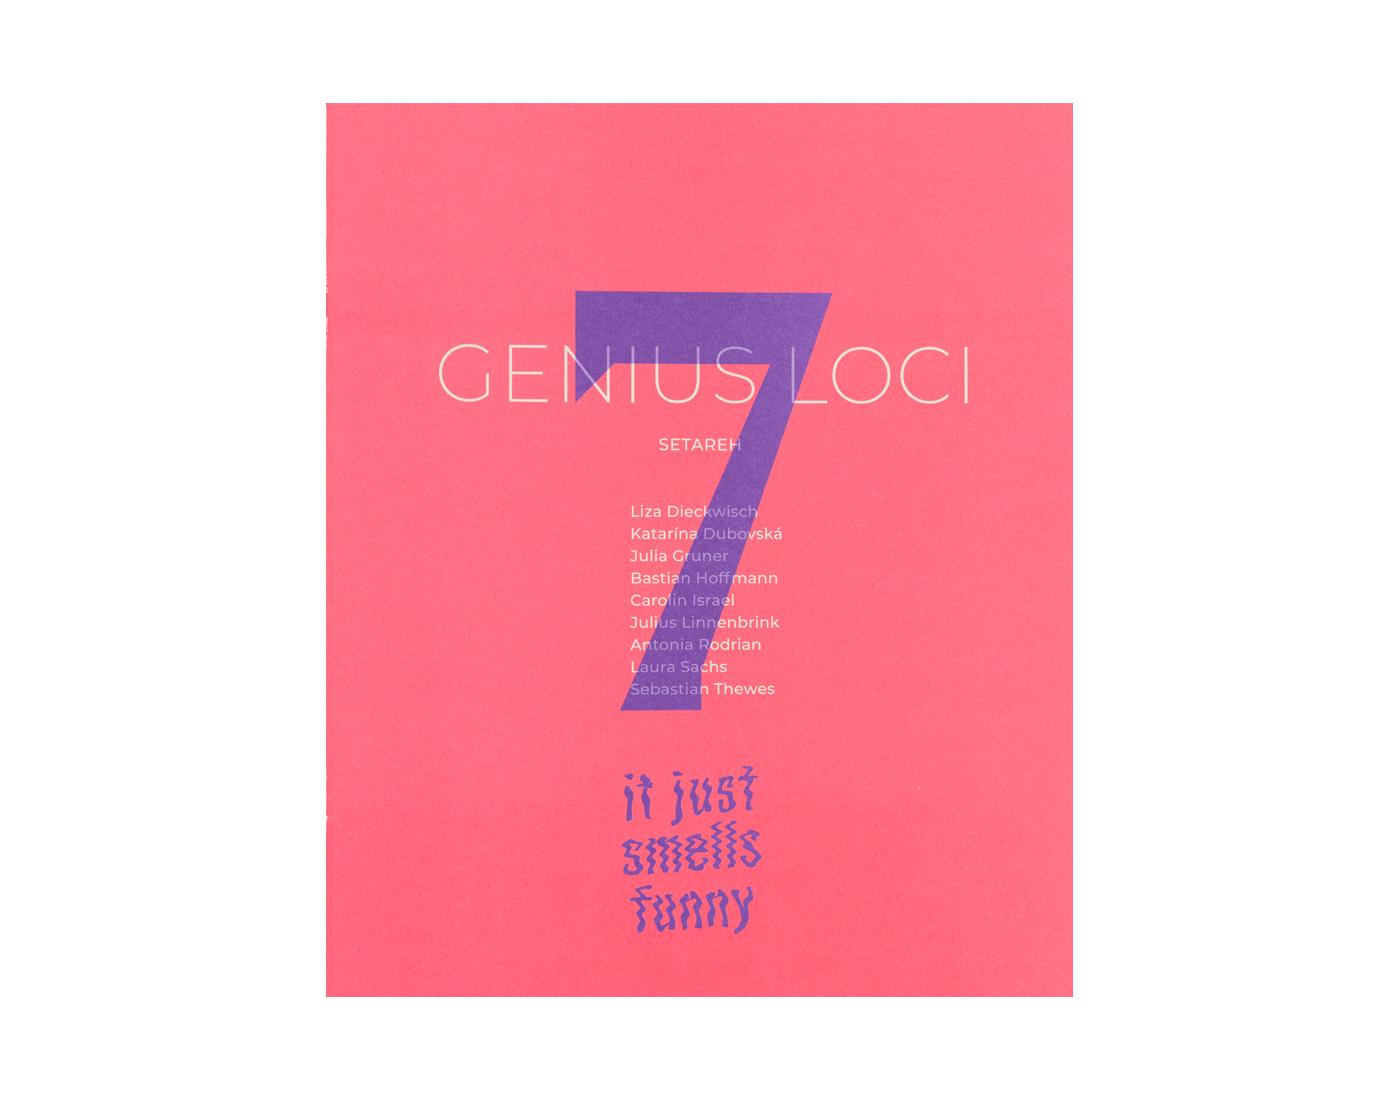 setareh_catalog_genius_loci_7.png